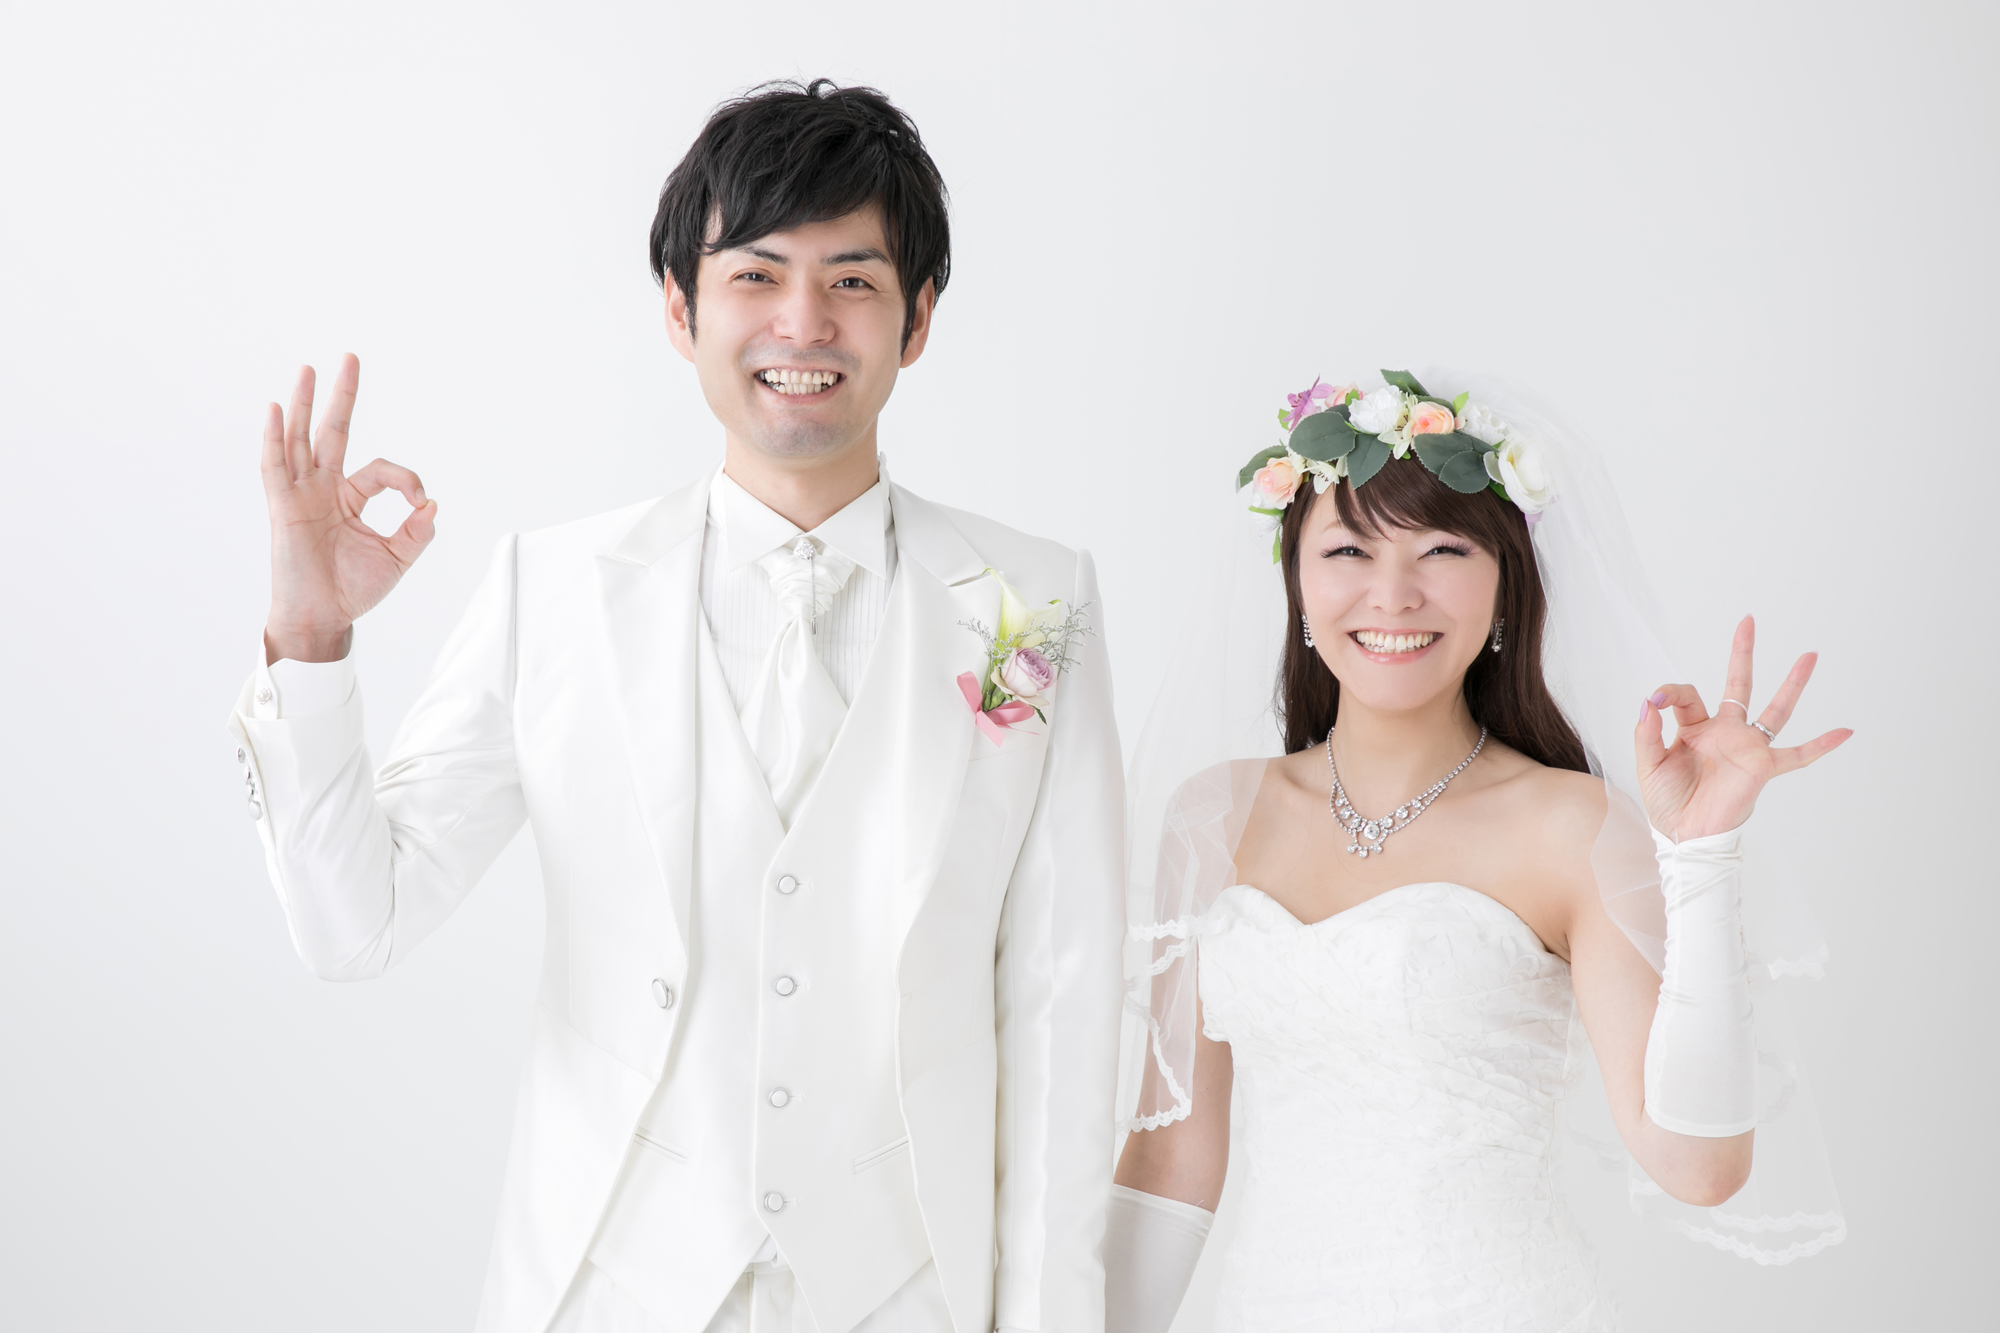 その婚活、結婚出来る可能性が高い?それとも?